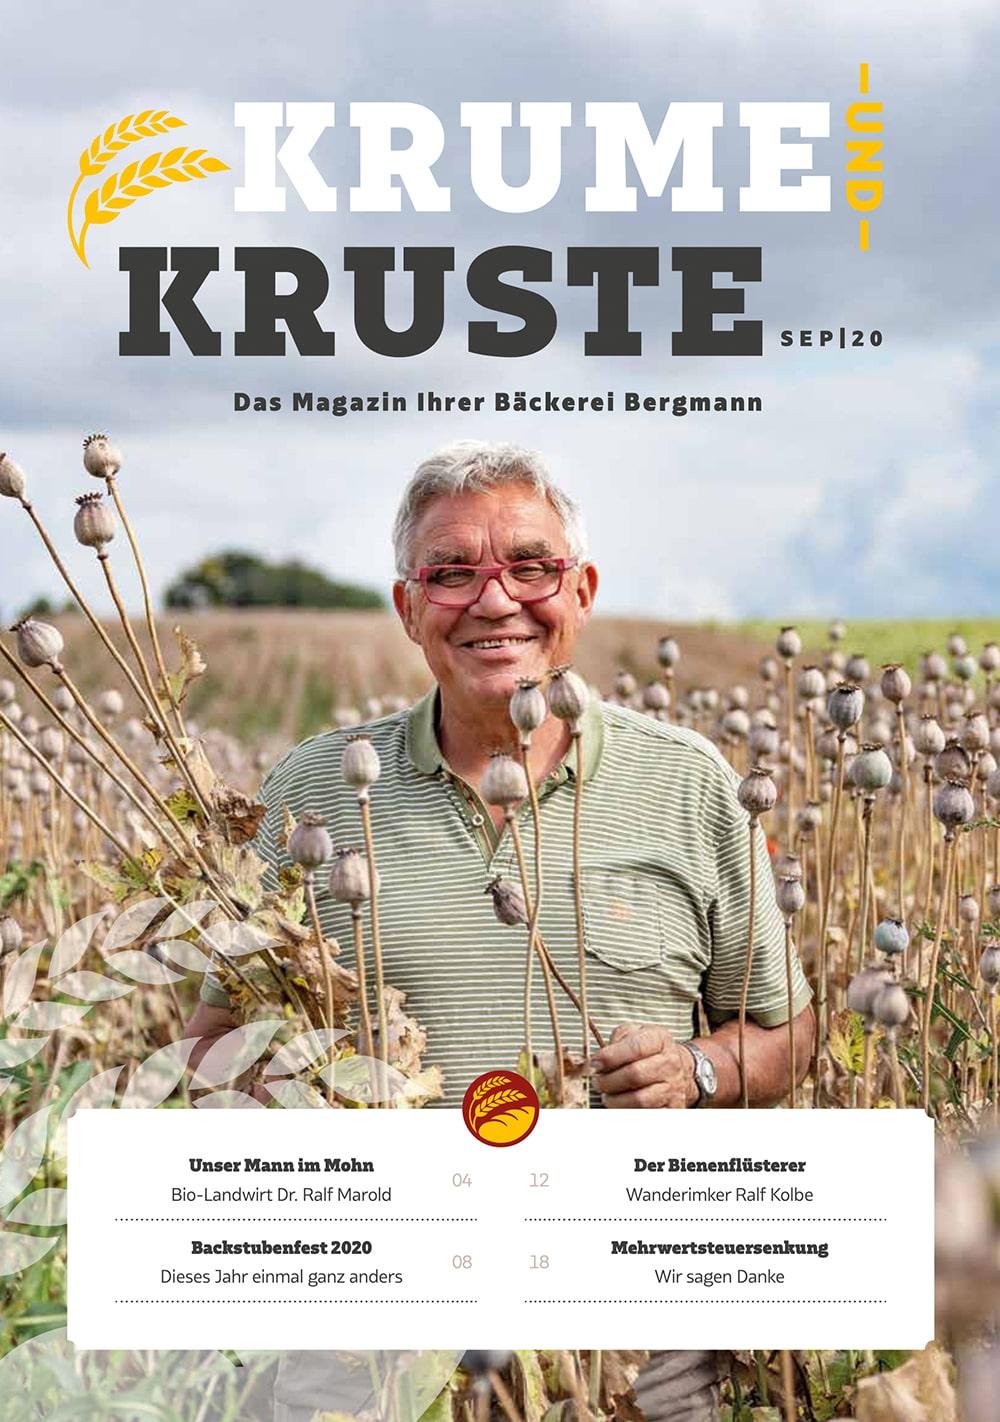 Krume & Kruste - September 2020